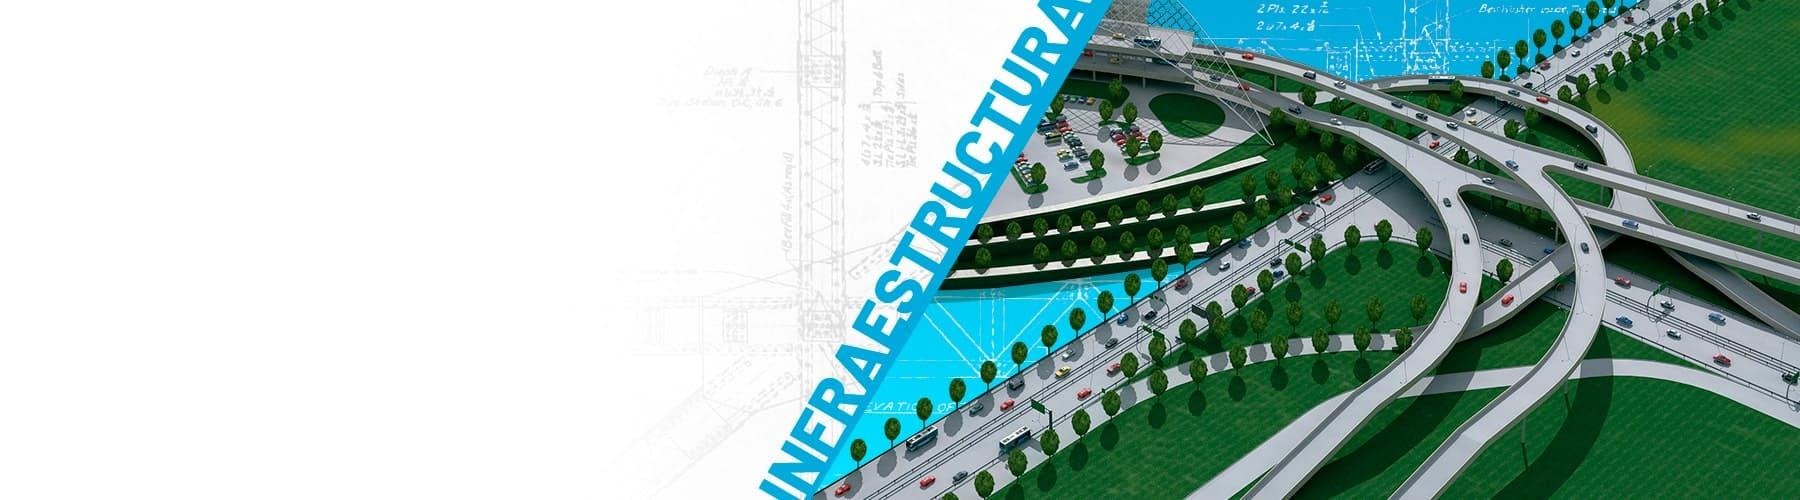 vertical de infraestructura autodesk semcocad